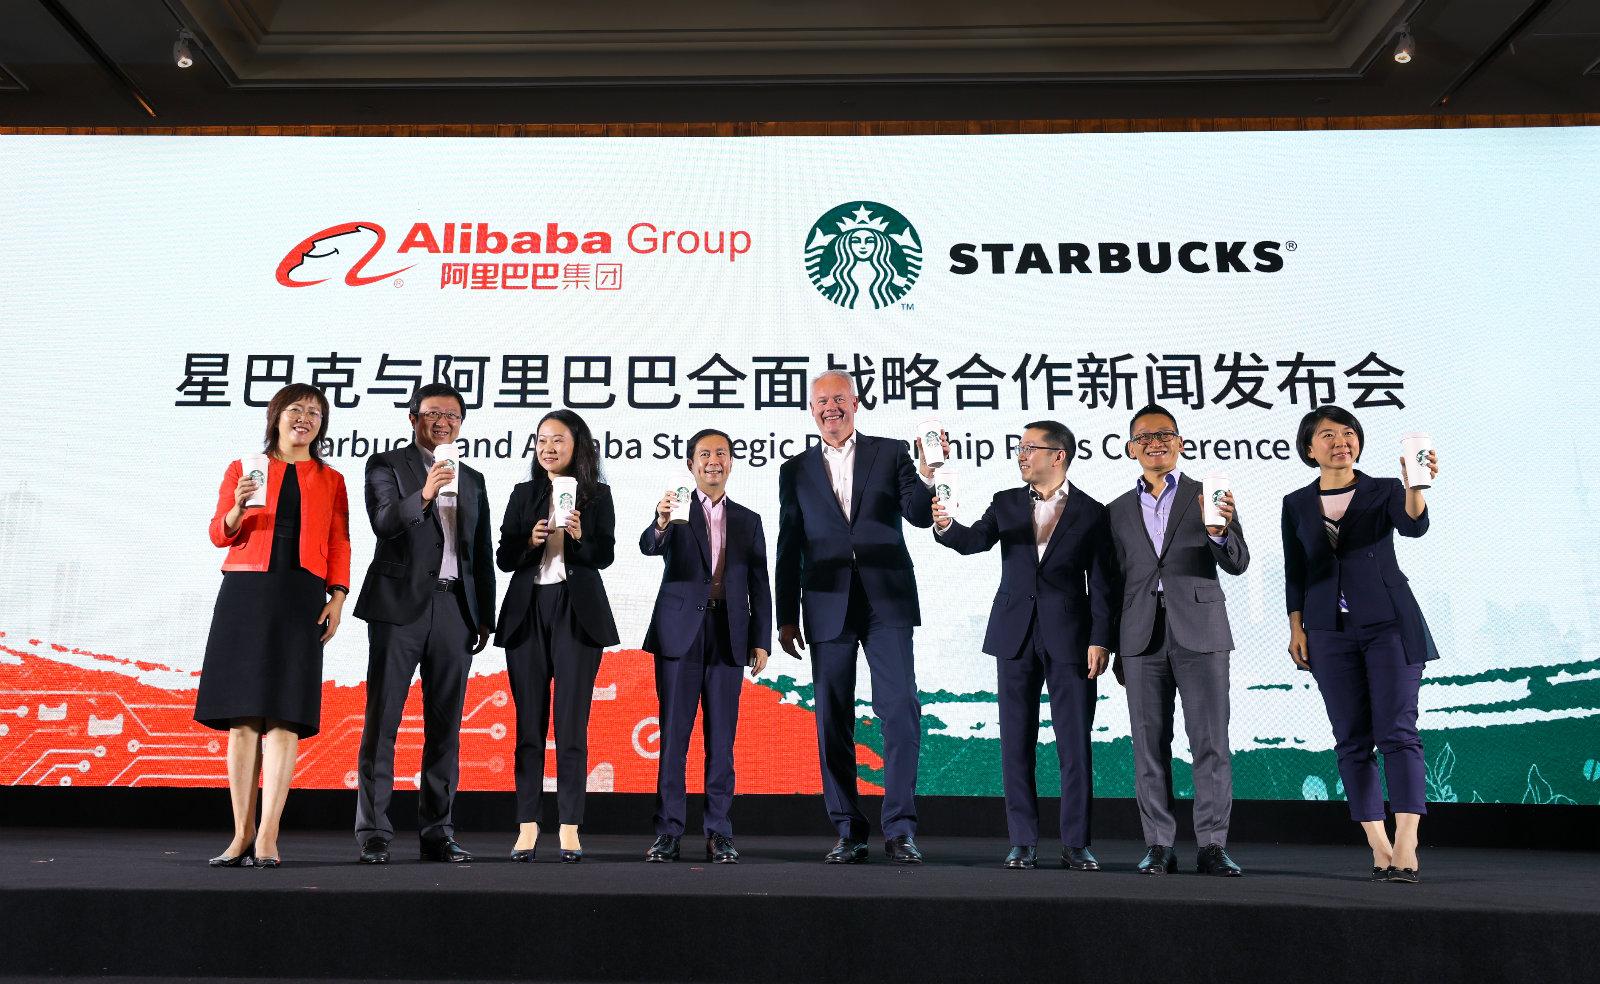 阿里巴巴与星巴克就新零售达成的全面战略合作在全球商业史上具有里程碑式的意义_meitu_25